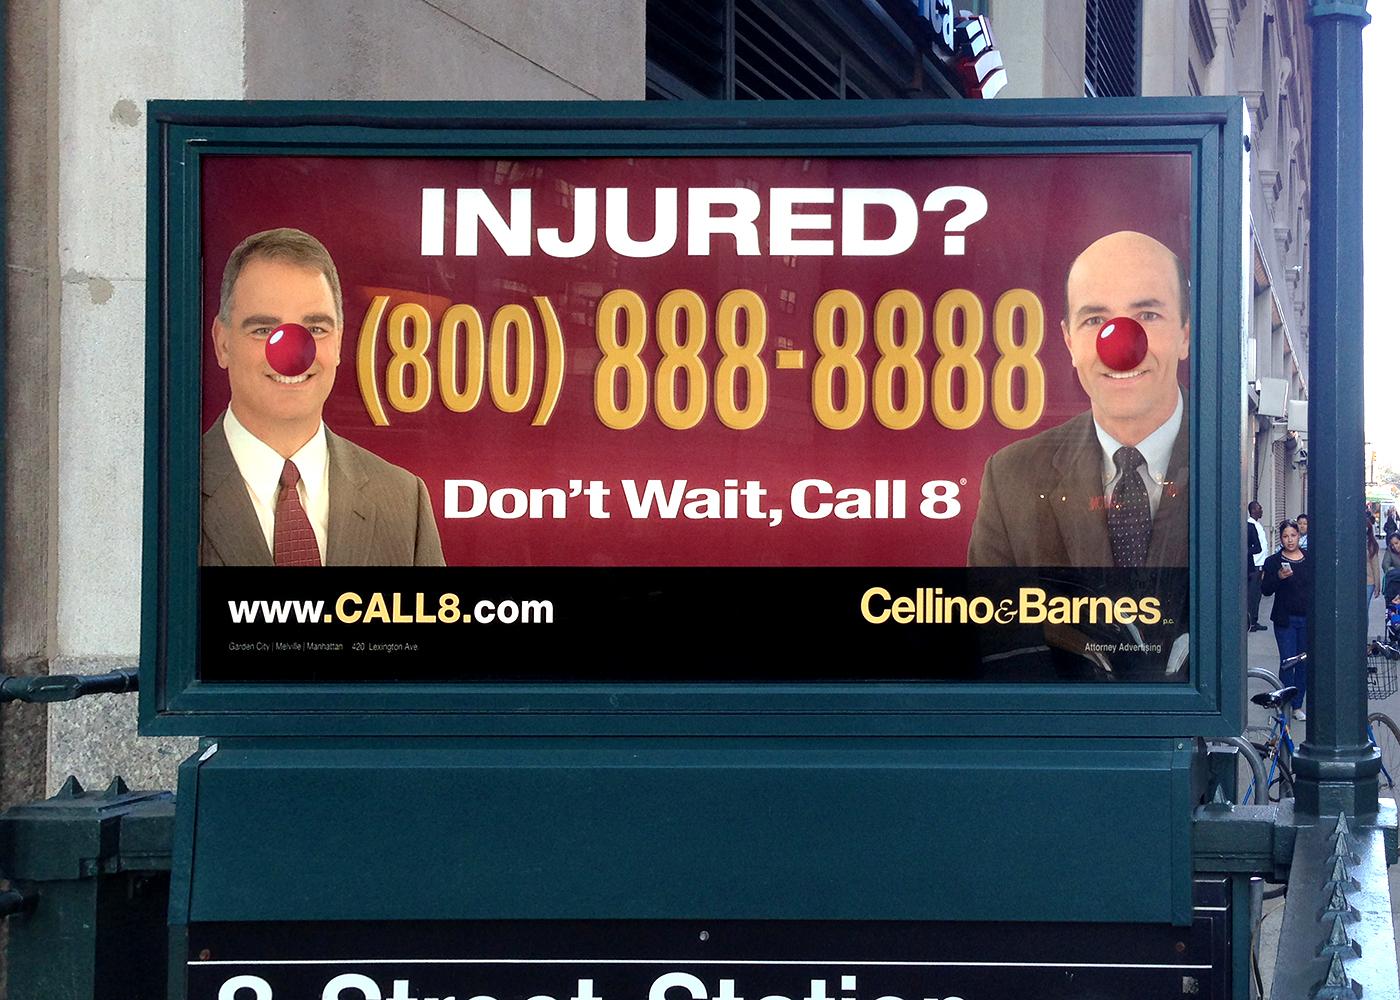 Injured.jpg